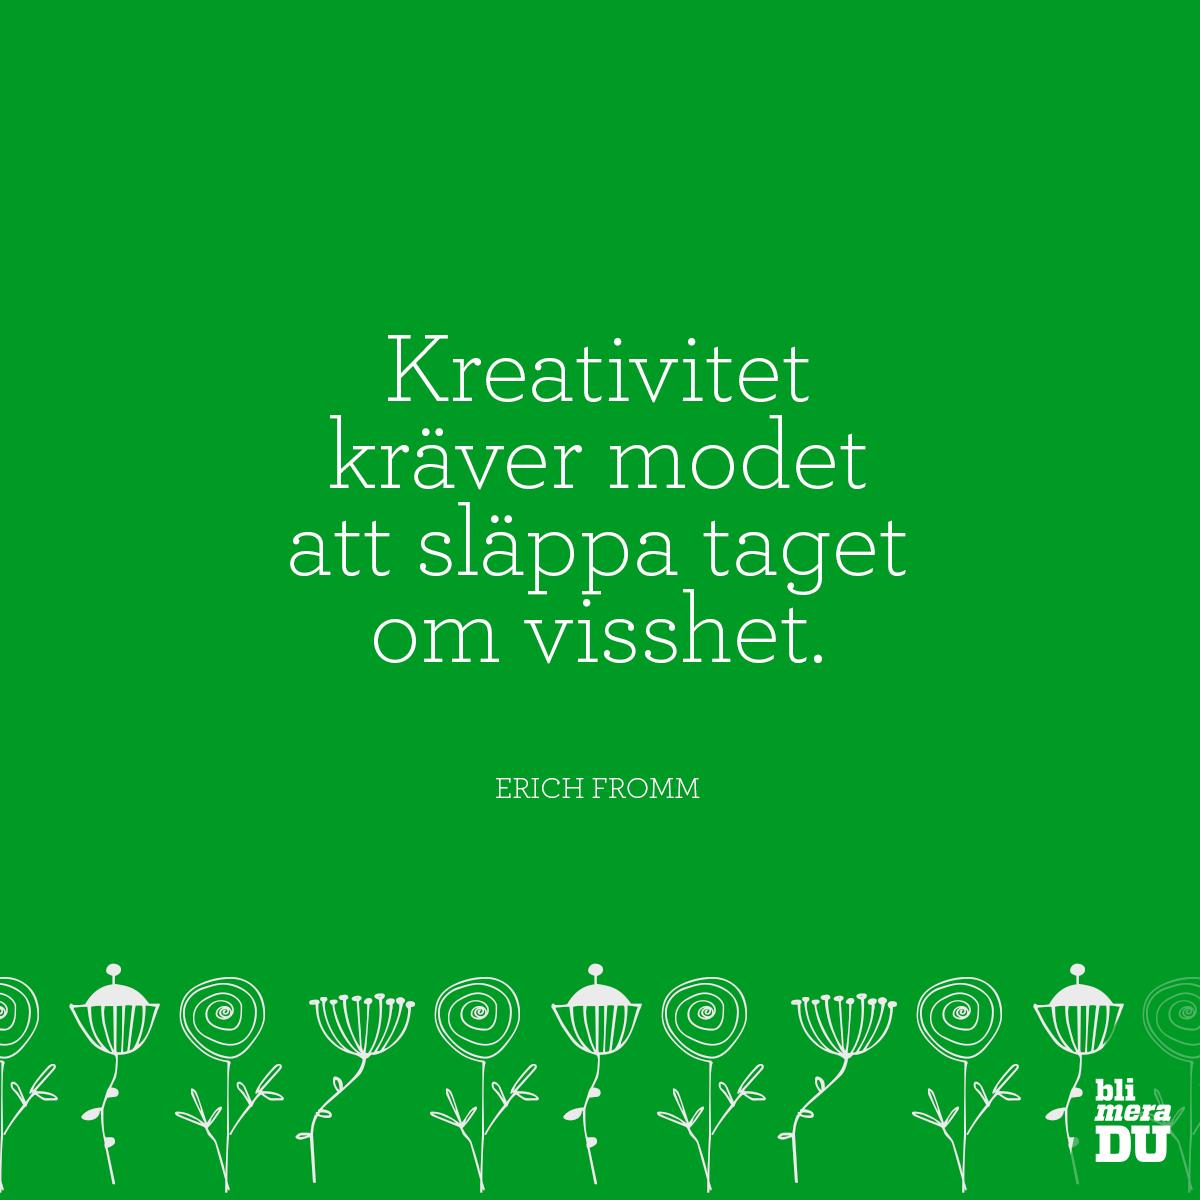 Kreativitet kräver modet